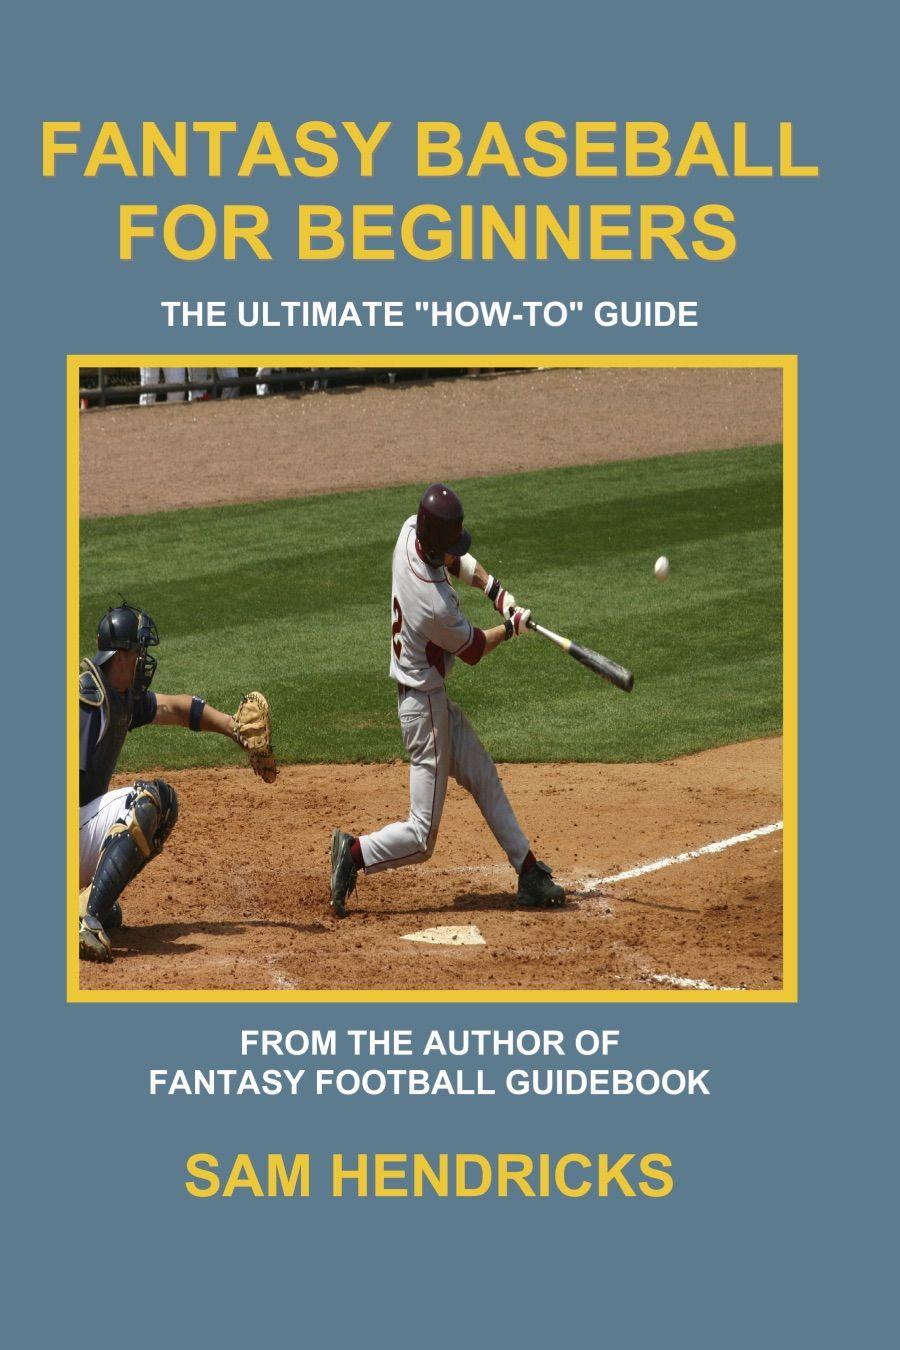 Fantasy Baseball for Beginners , ad, Beginners,